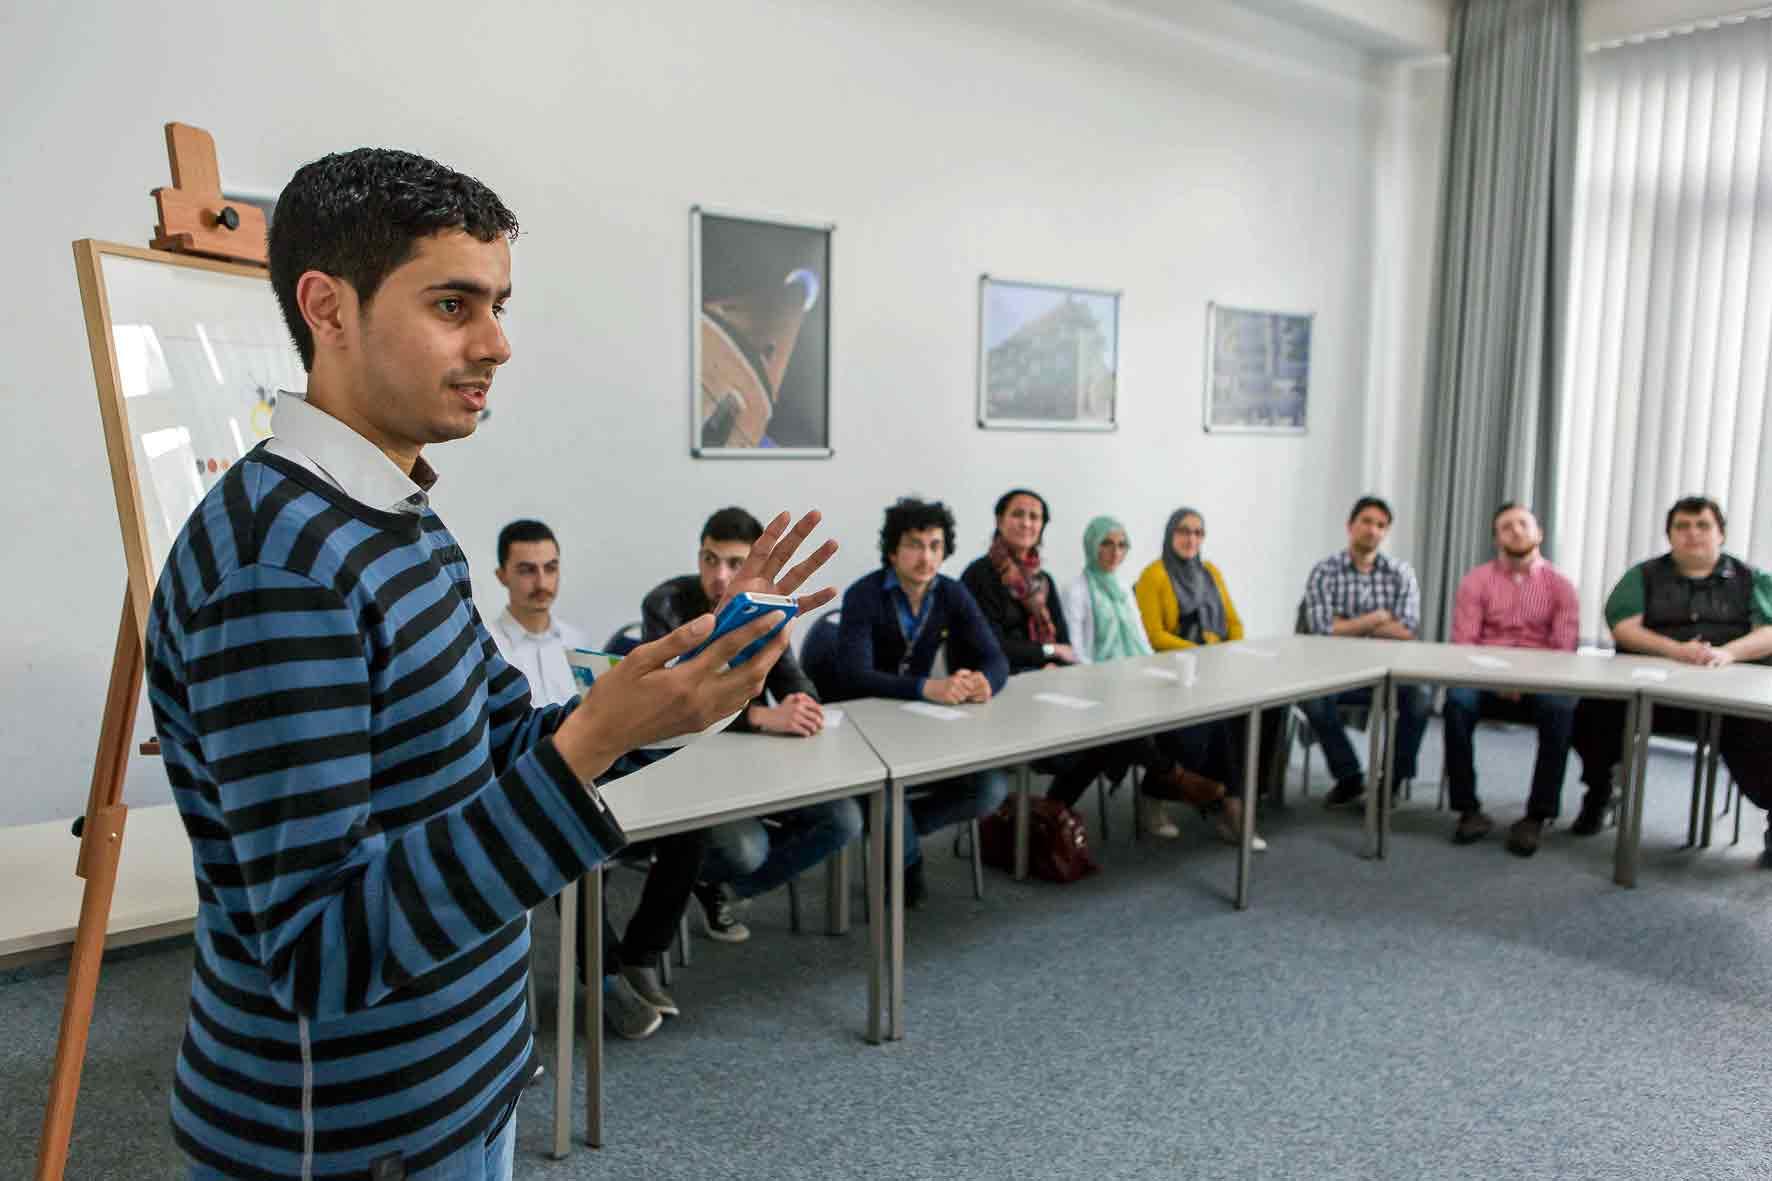 Teilnehmer eines Workshops